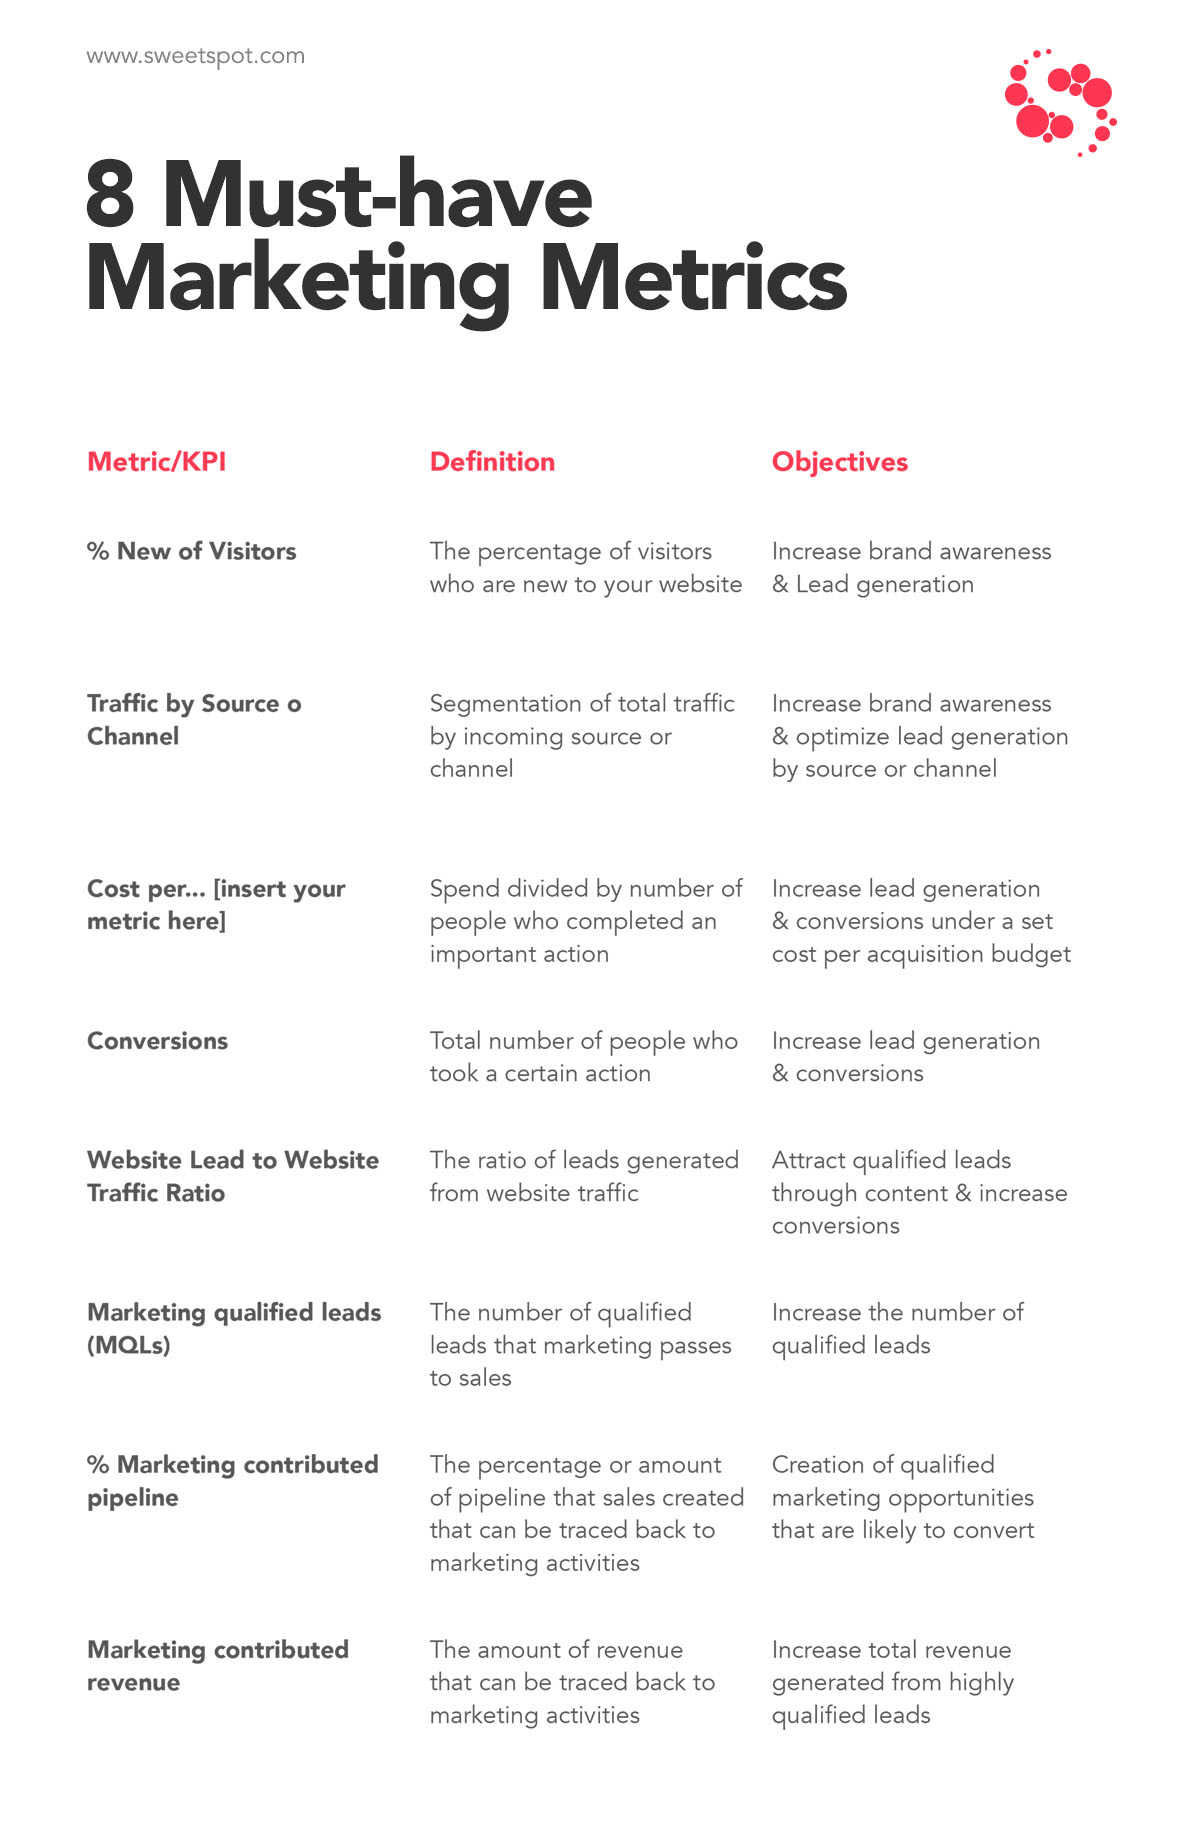 overview table summarising metrics described above